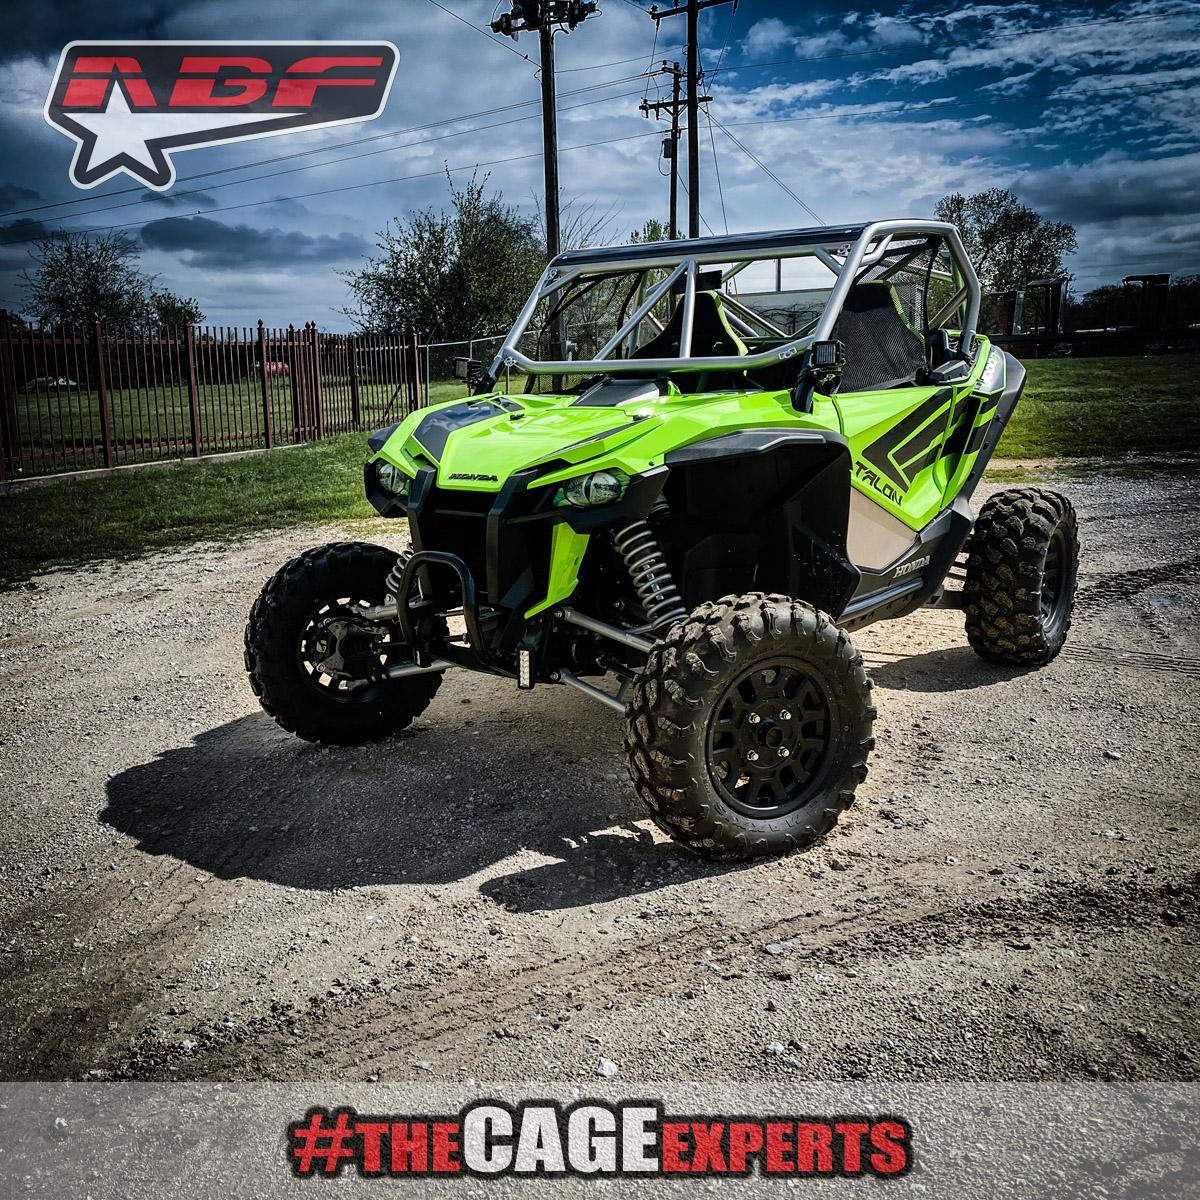 Abf Fab Honda Talon 1000 Roll Cage F16 Cage